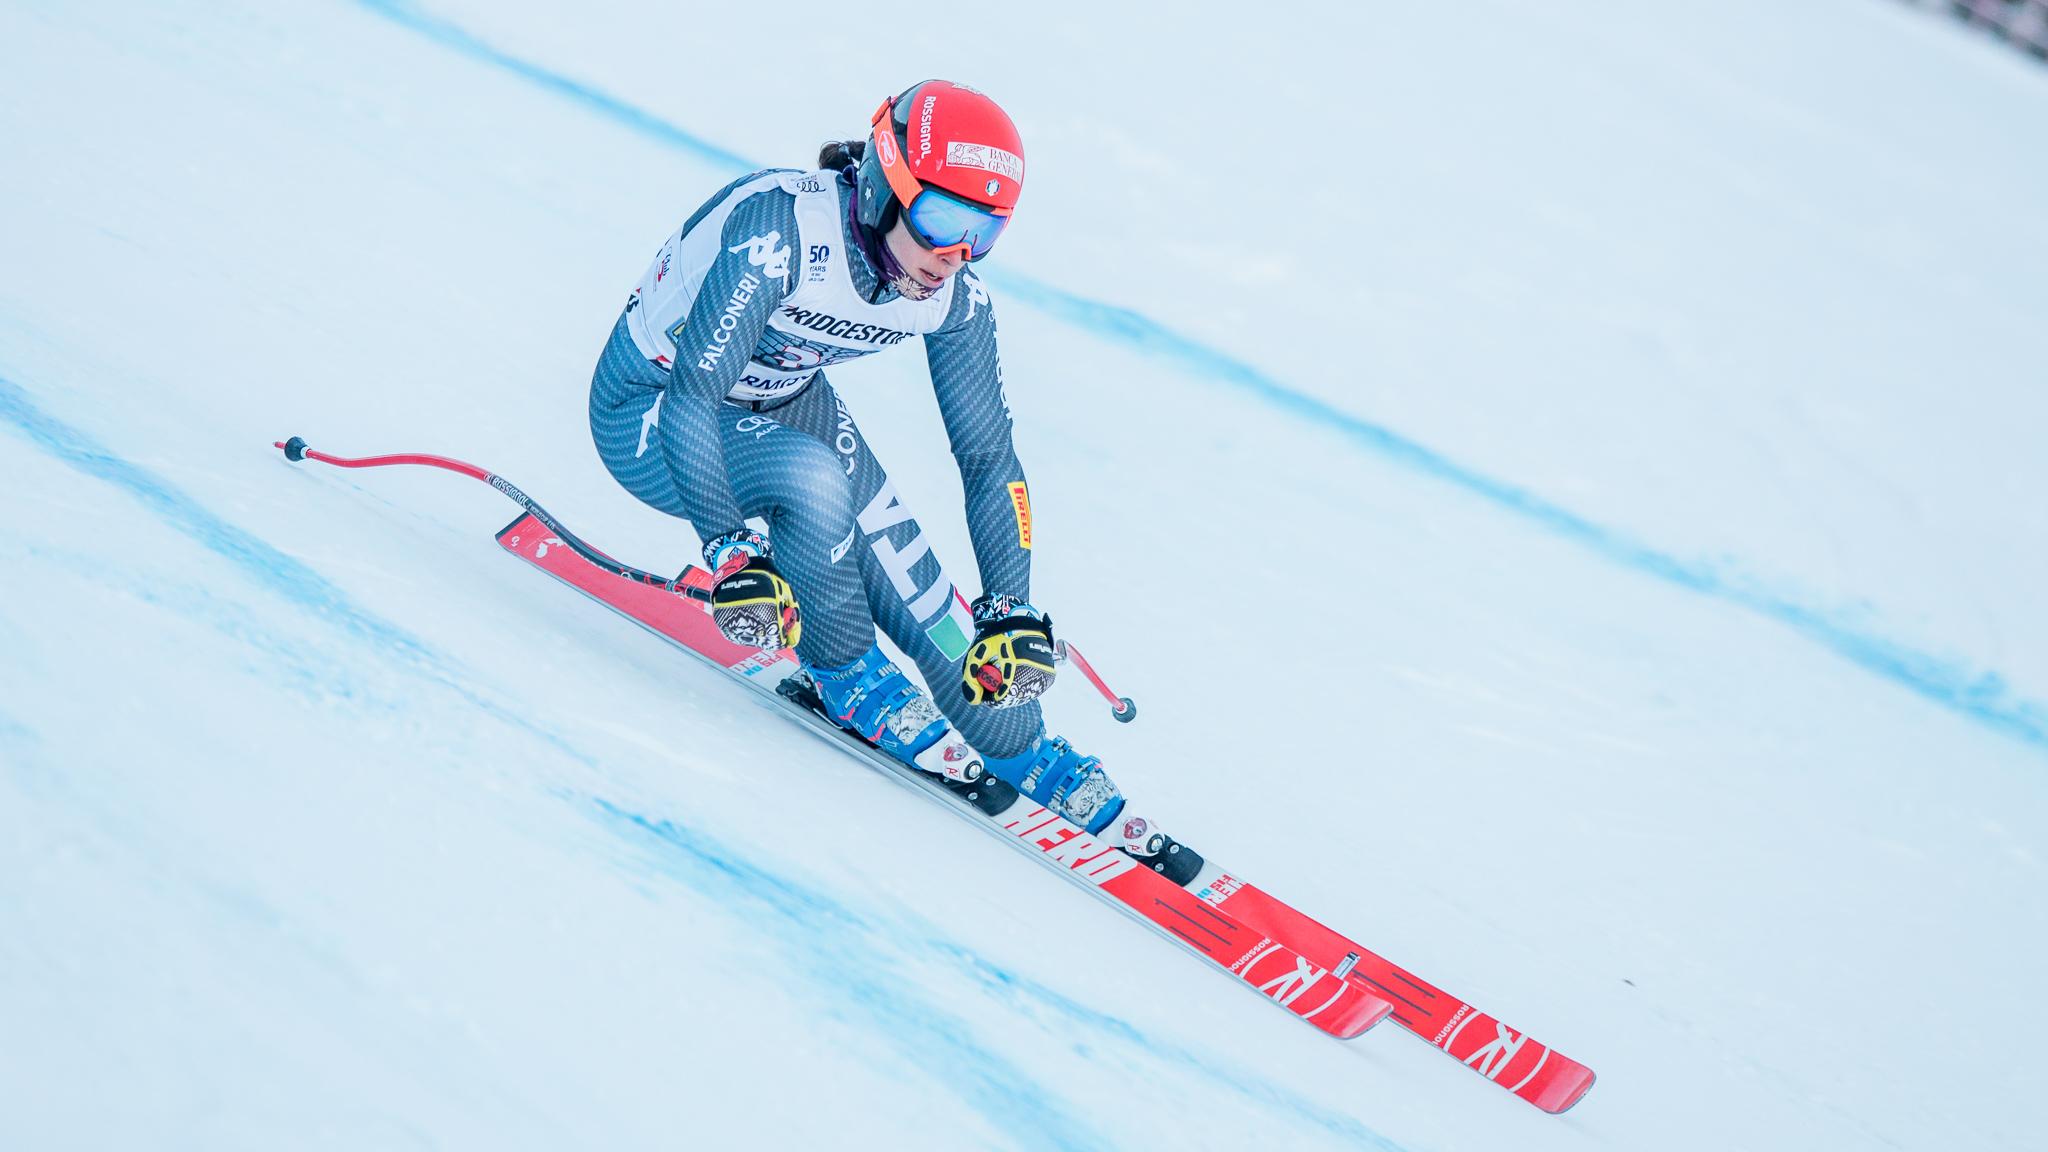 Cortina 2021: le speranze azzurre ai mondiali di sci